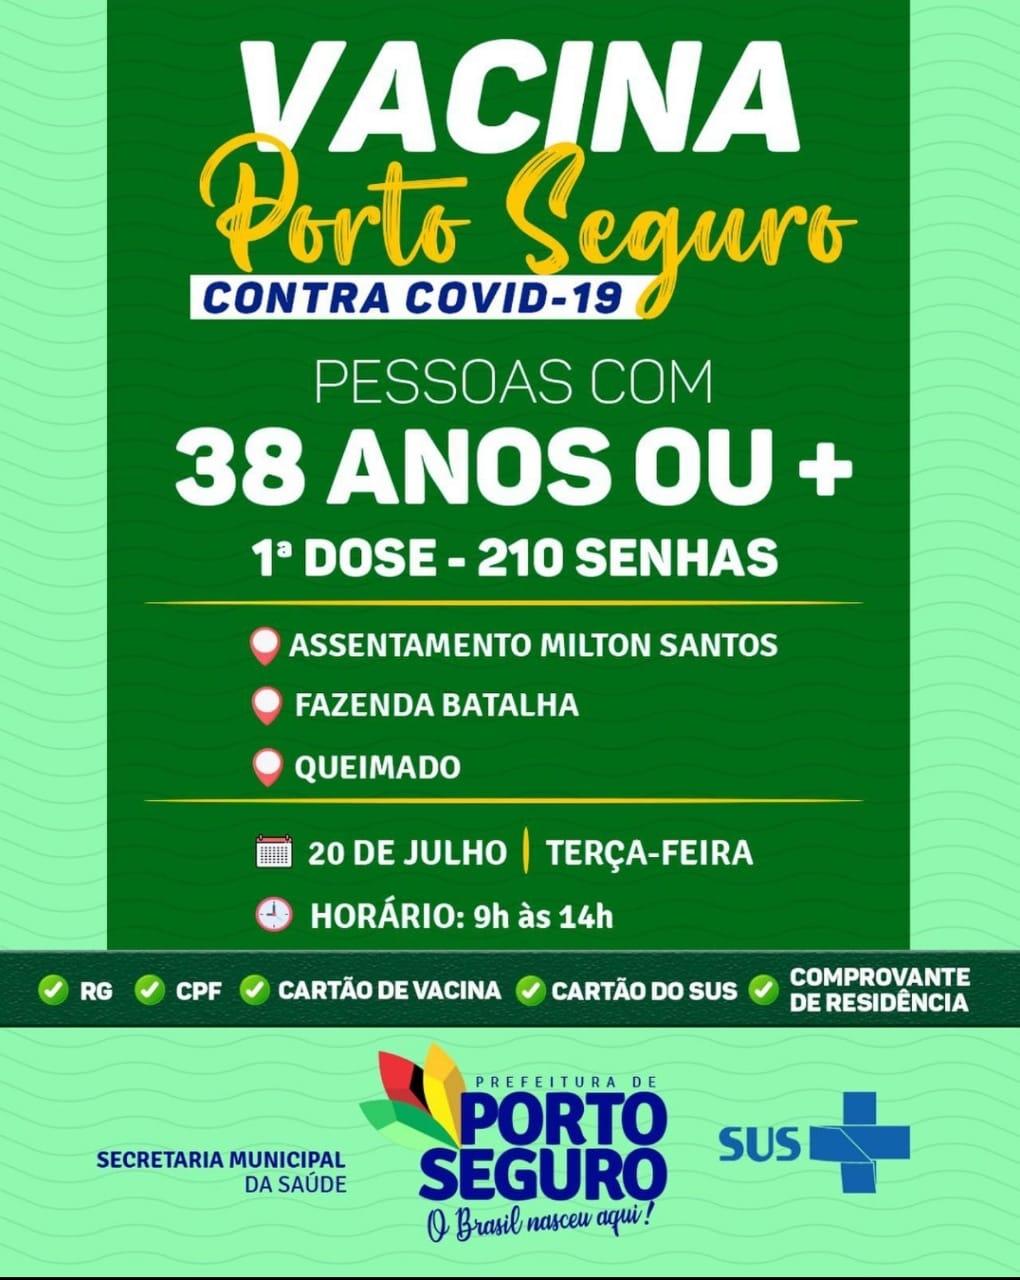 Vacina Porto Seguro contra Covid-19; cronograma de vacinação de 19 a 20 de julho 21